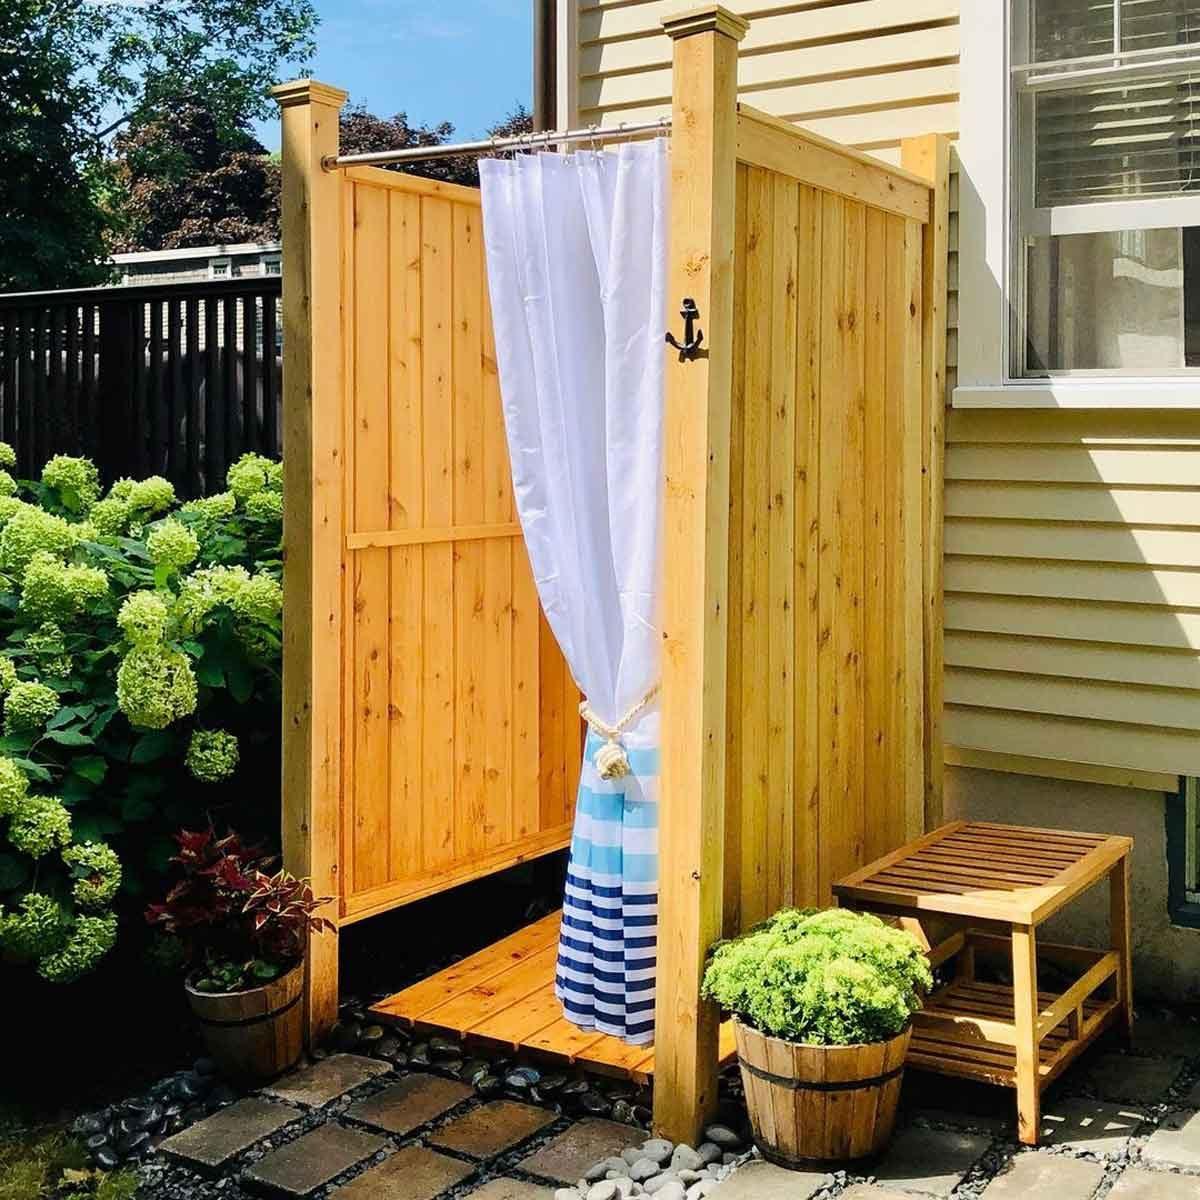 Outdoor Shower 117151545 290733042189087 5557193650460561690 N